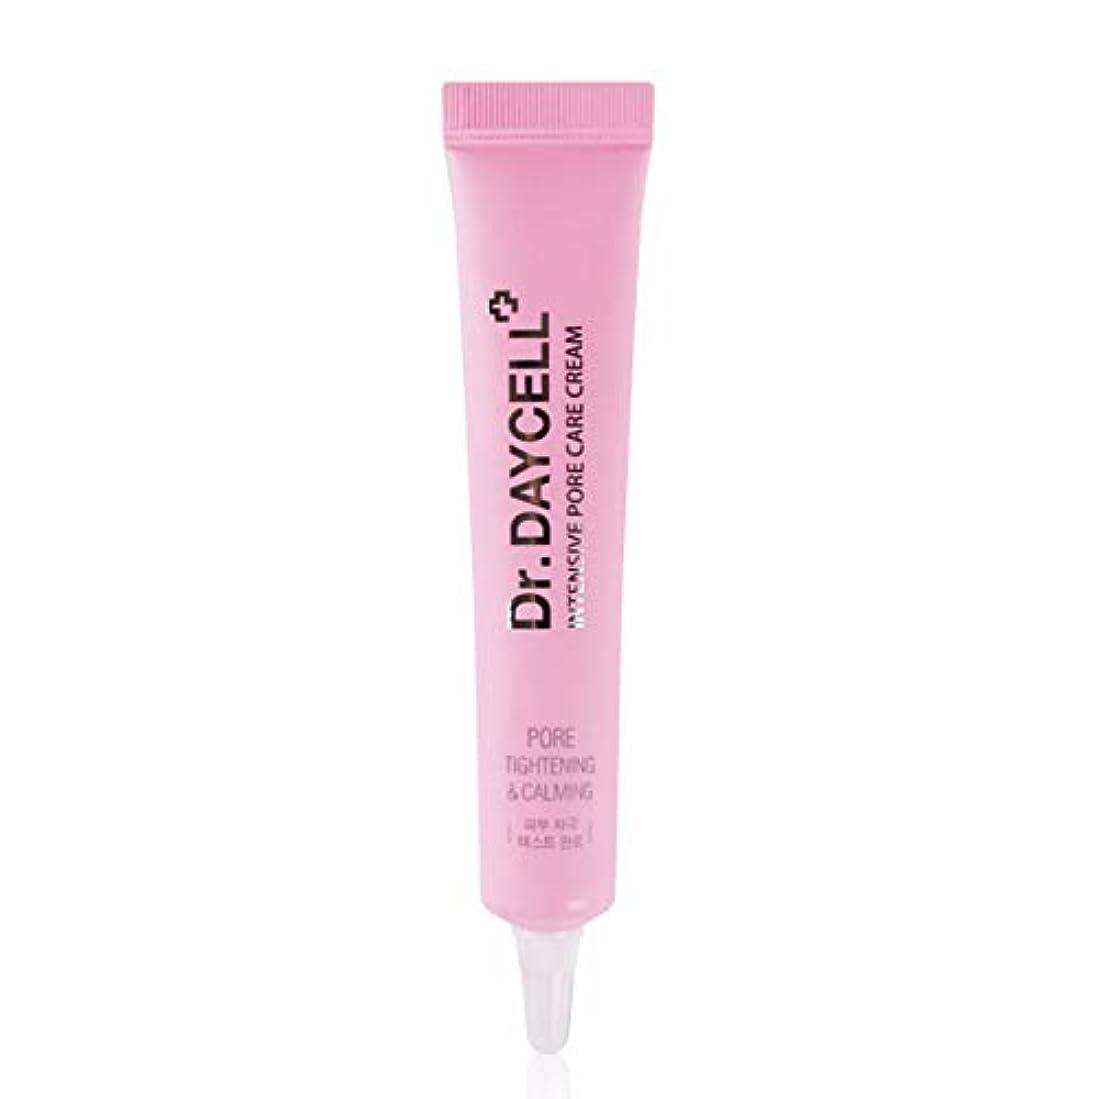 デイセル(Dr.Daycell) インテンシブポアケアクリーム20ml / Intensive Pore Care Cream